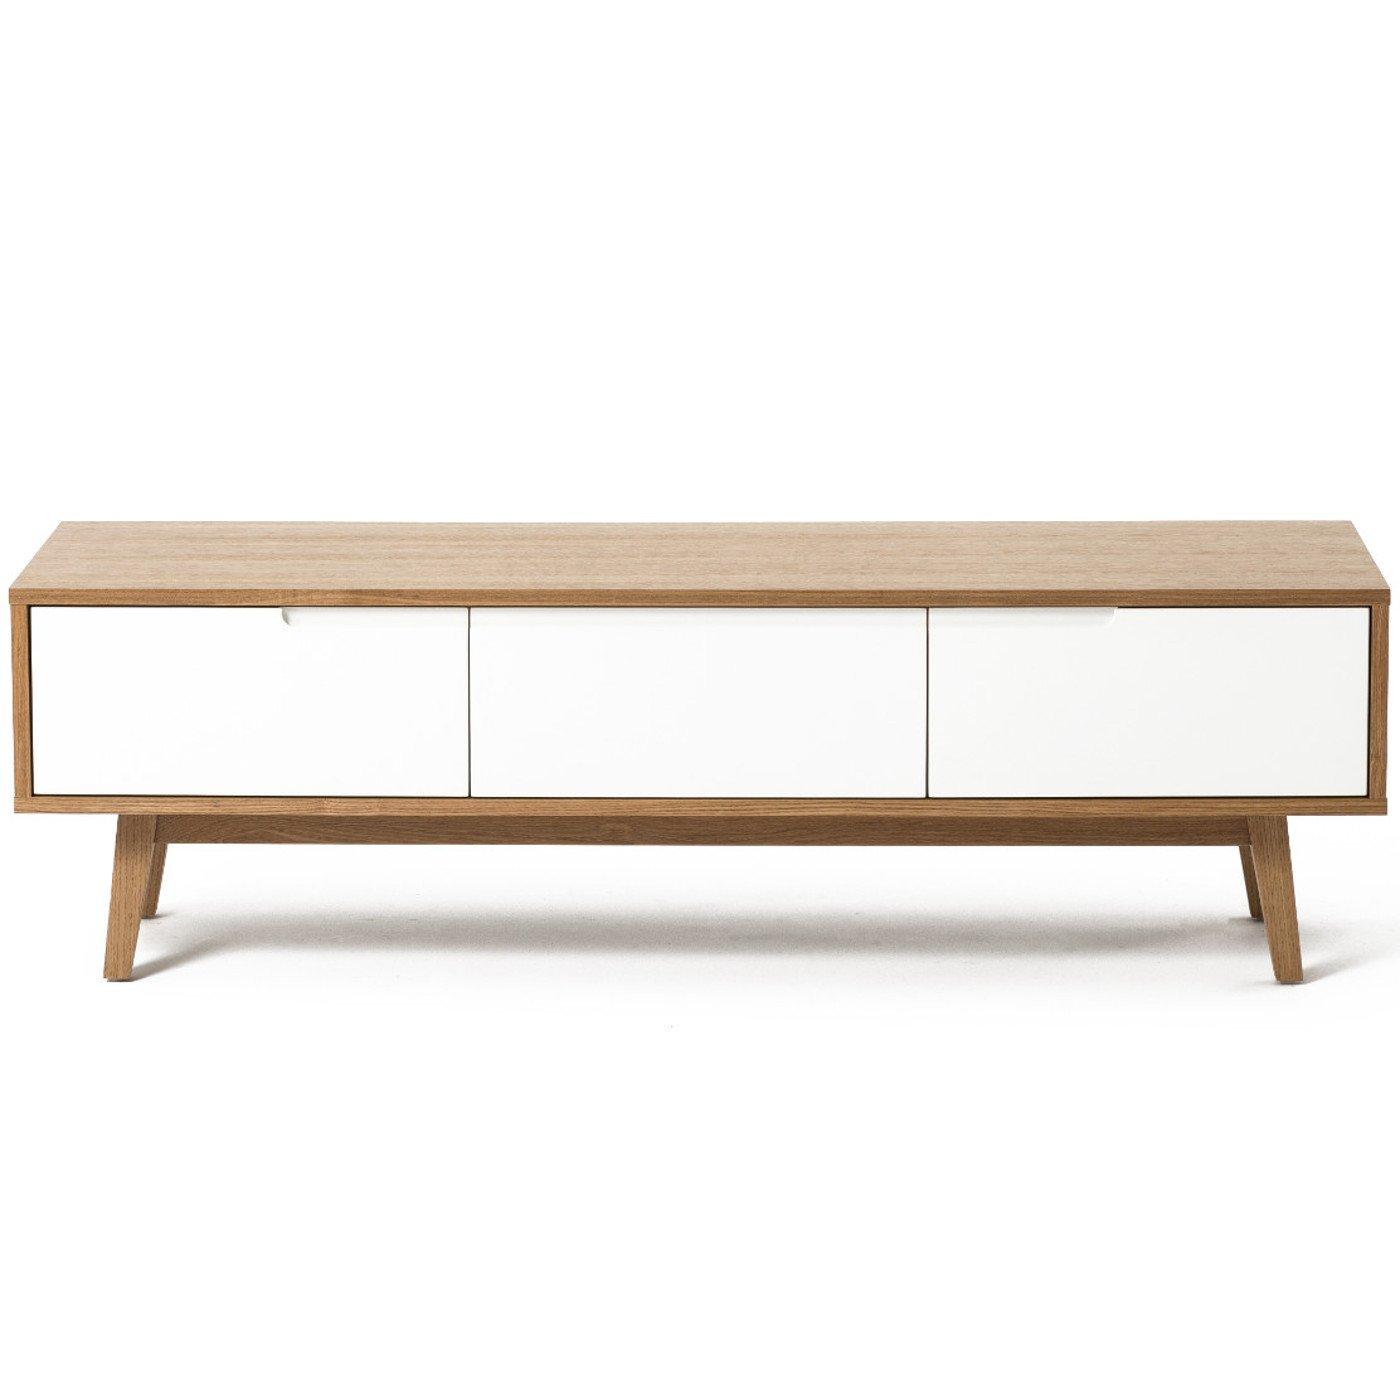 Meuble Tv Design Scandinave Alskar Ch Ne Et Blanc 150 Cm Amazon  # Meuble Tv Chene Blanc Scandinave